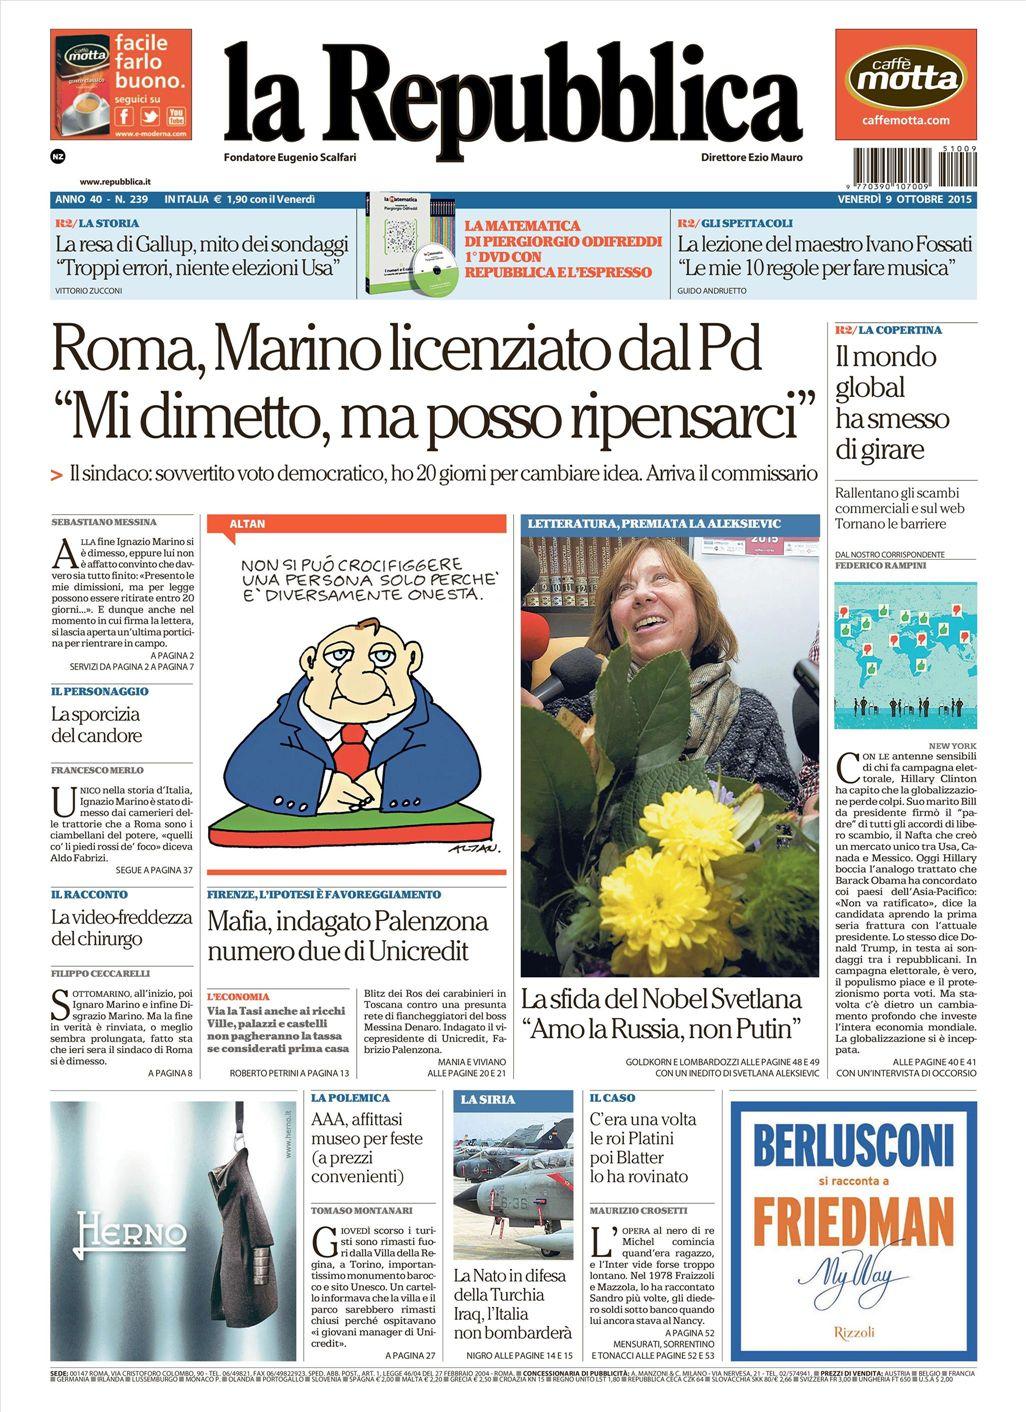 La Repubblica It Nel 2019: Le Prime Pagine Dei Quotidiani Che Sono In Edicola Oggi 9